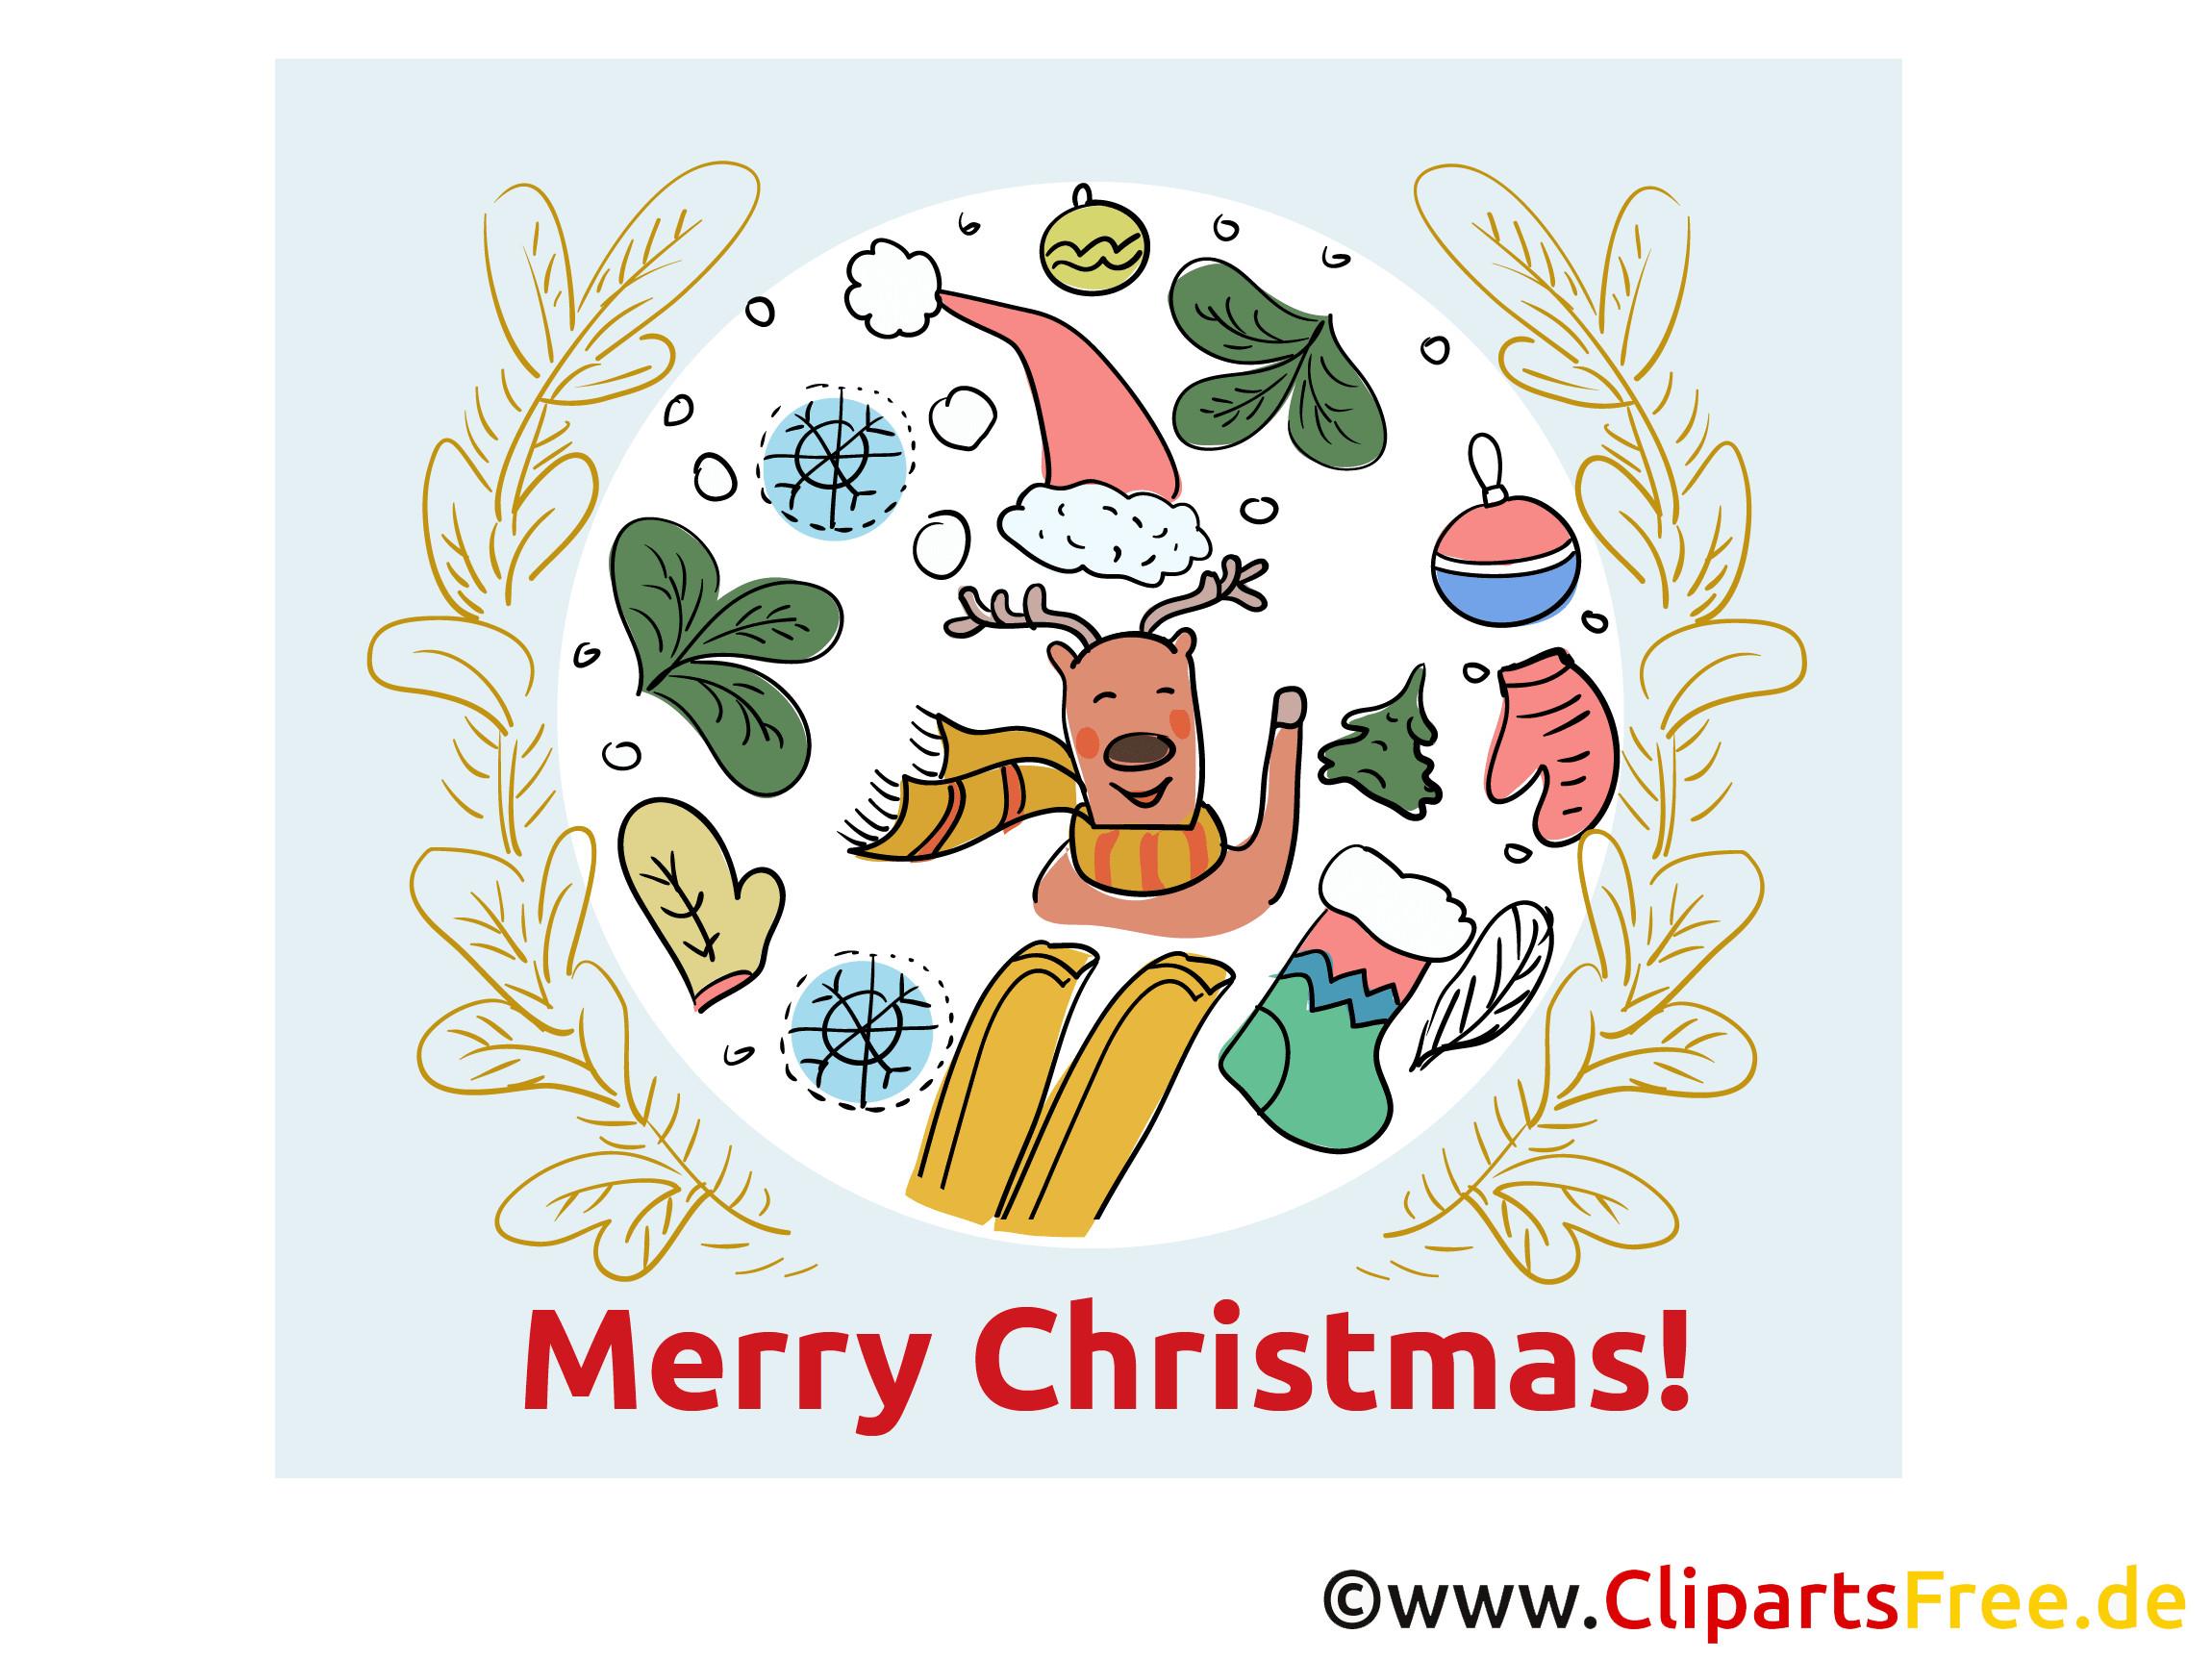 Elektronische Geburtstagskarten  Weihnachten kostenlose elektronische Grußkarte Merry